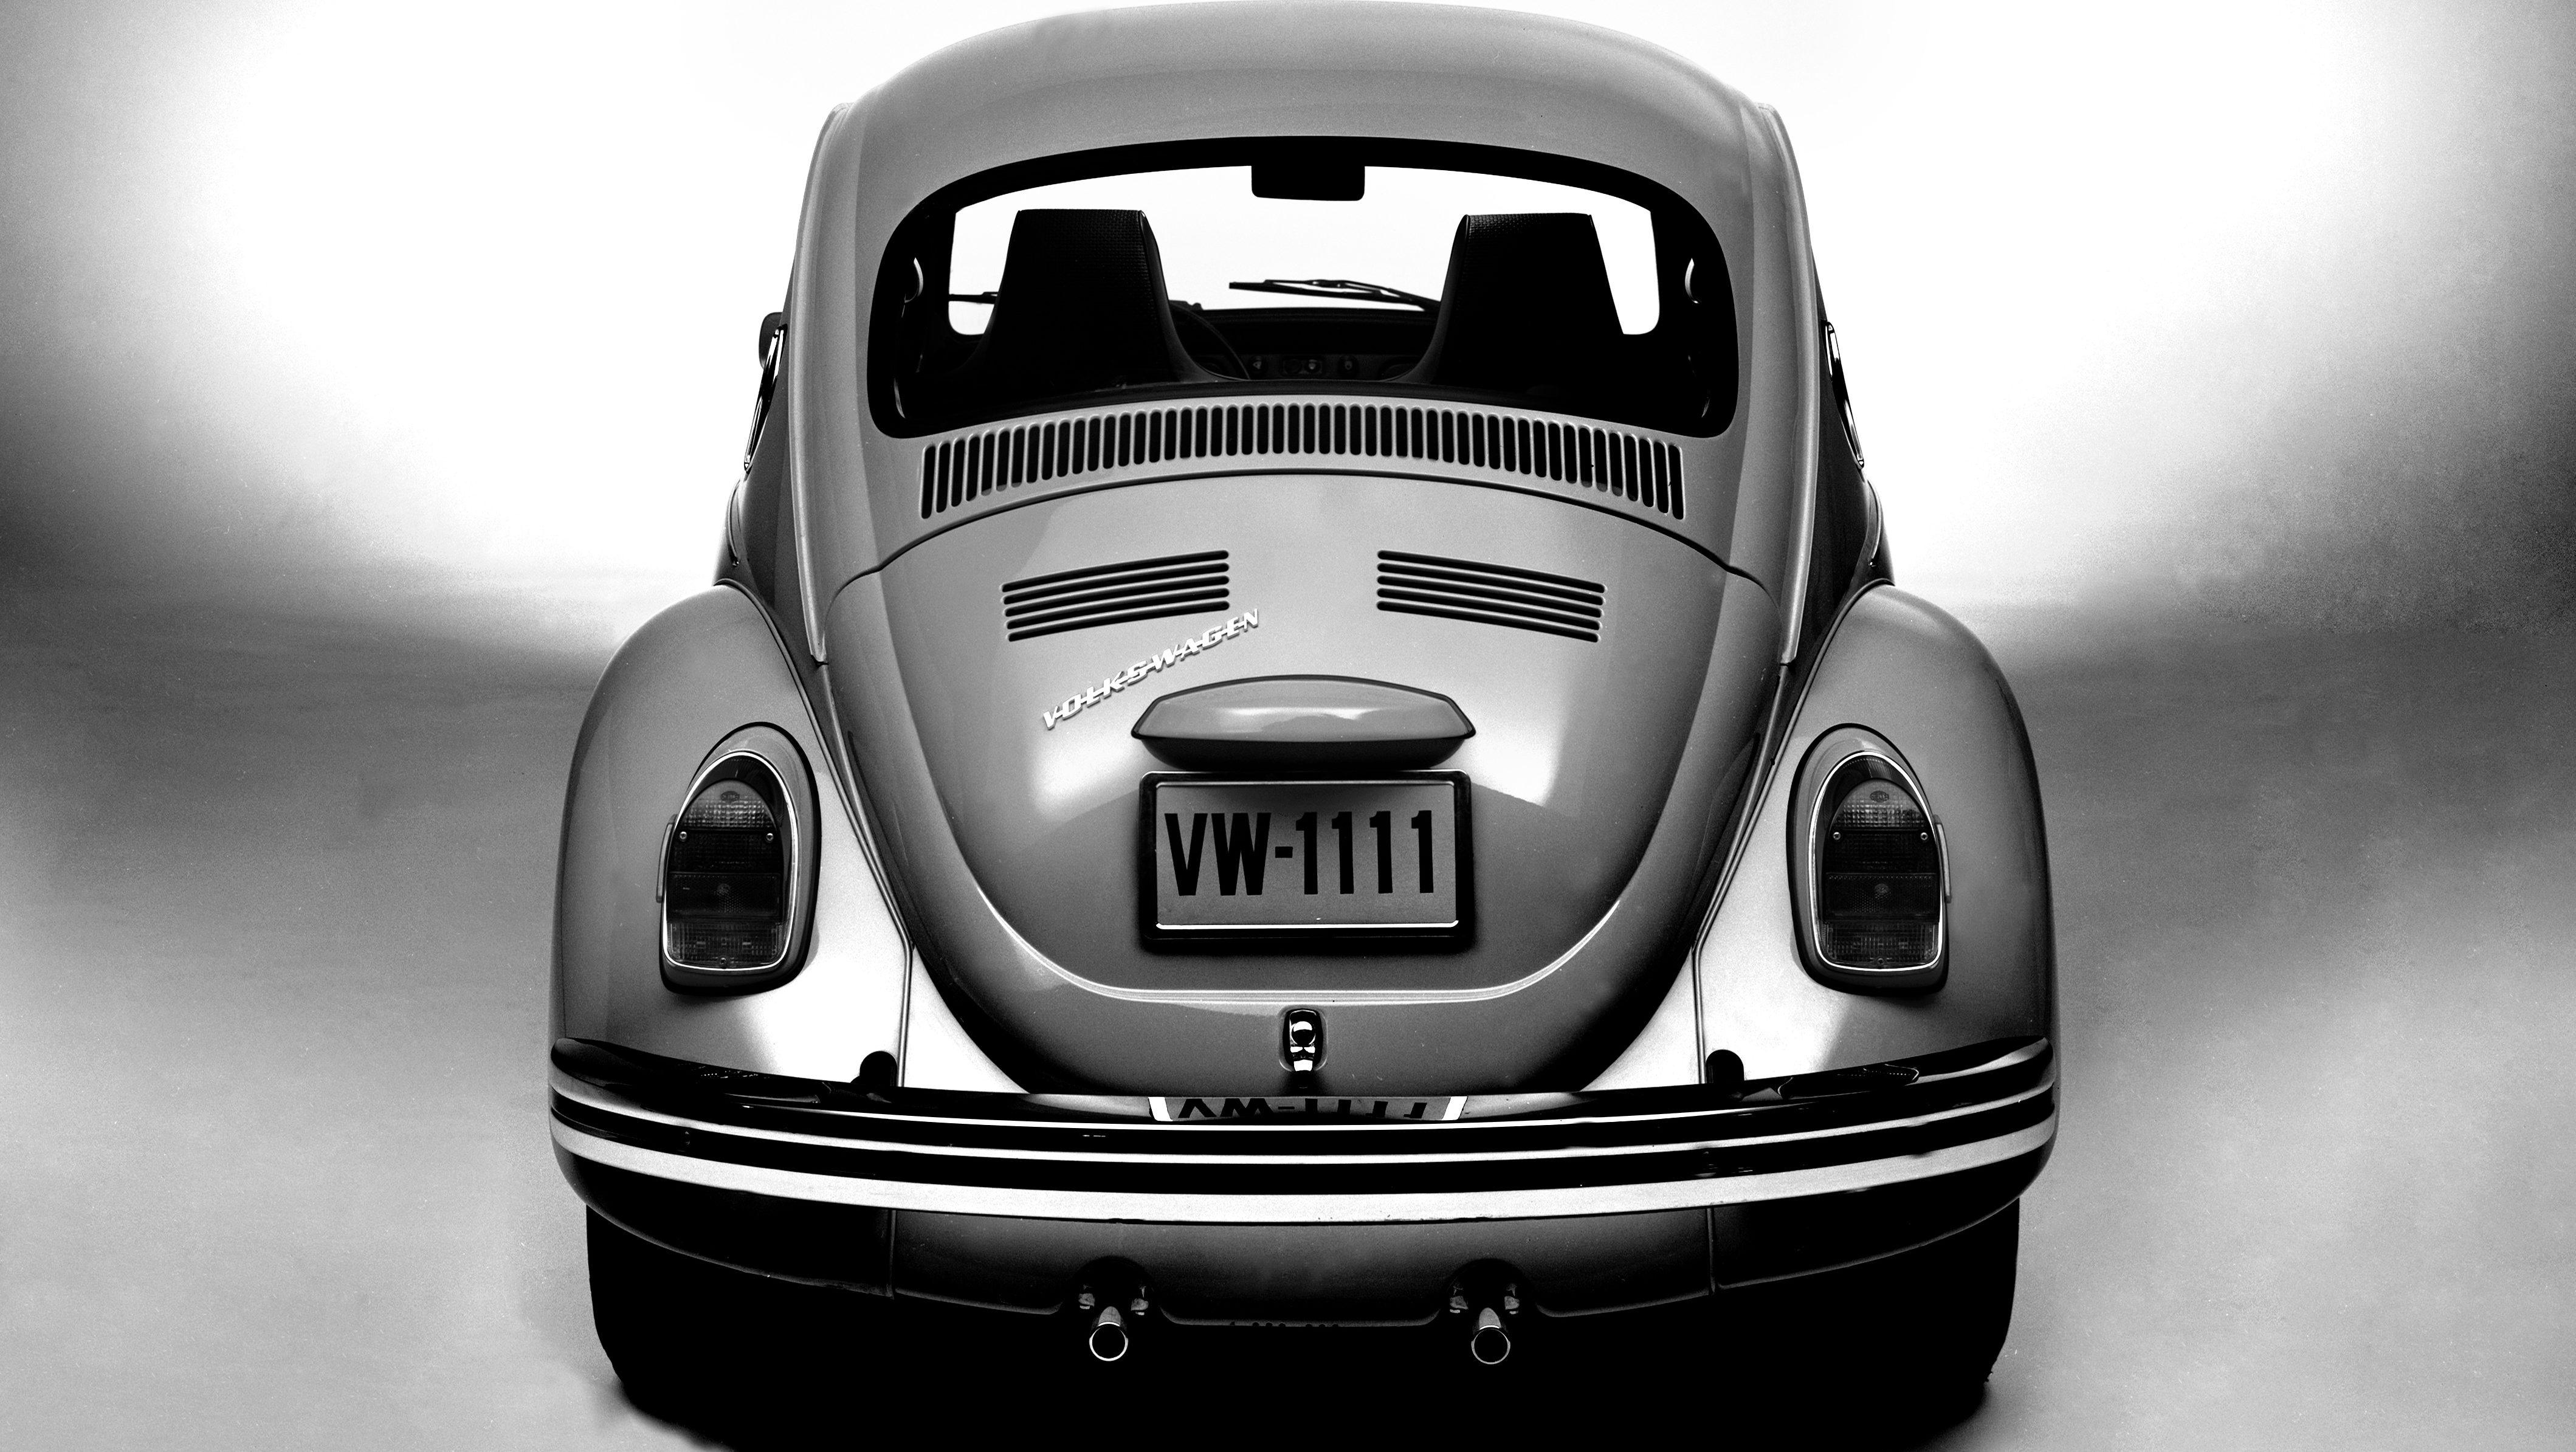 Volkswagen S Beetle 81 Is No More Quartz